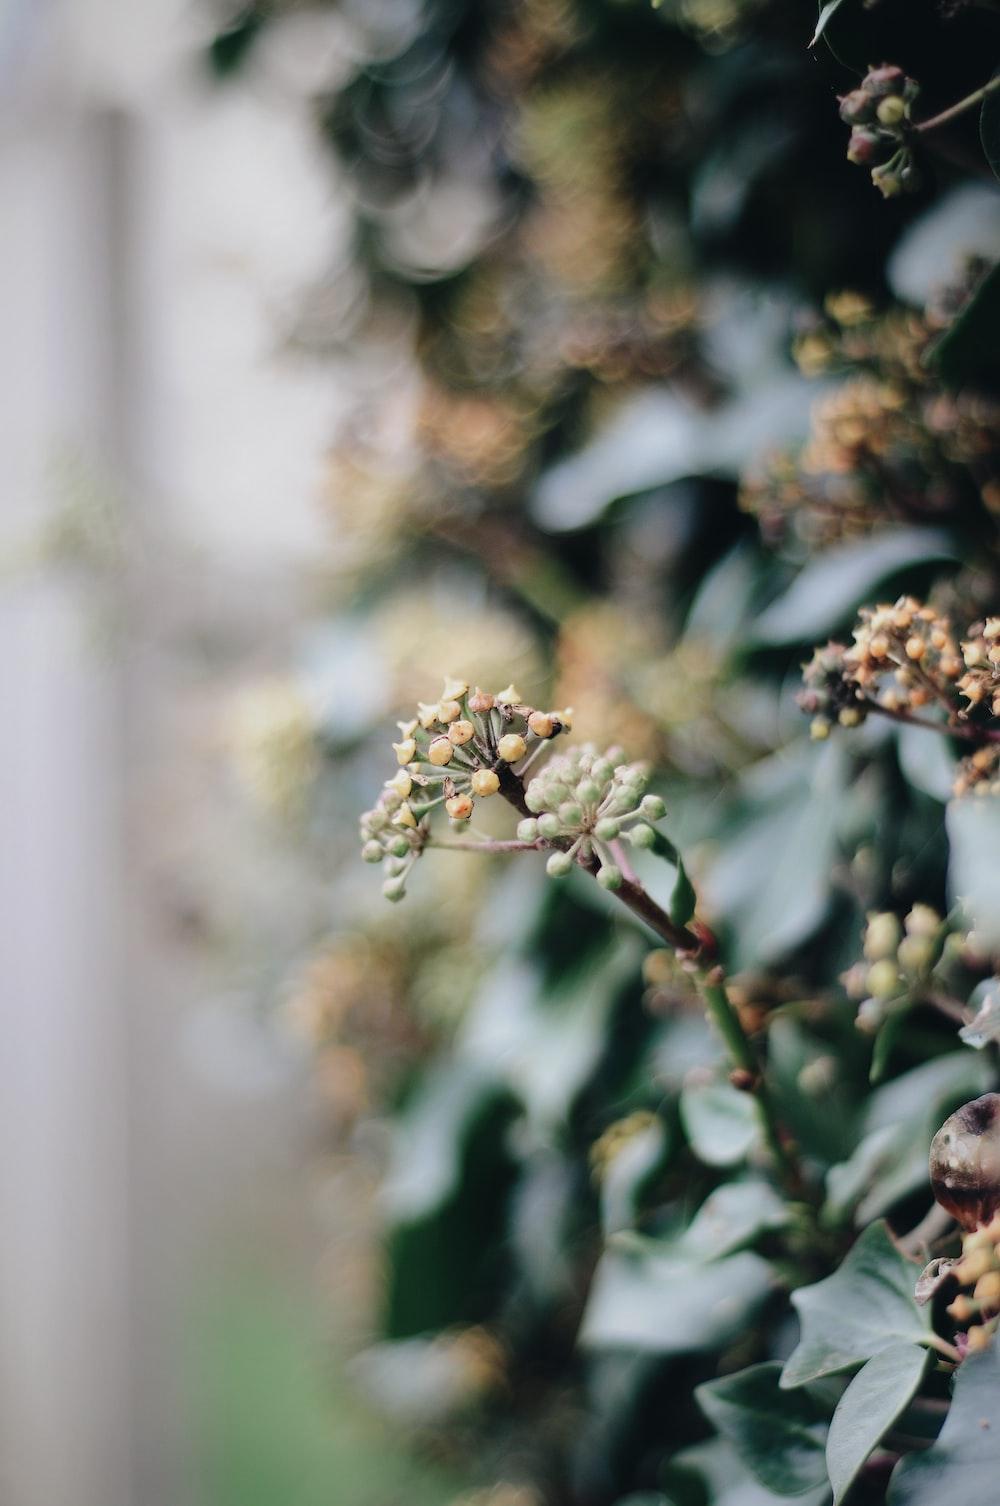 white and green flower in tilt shift lens